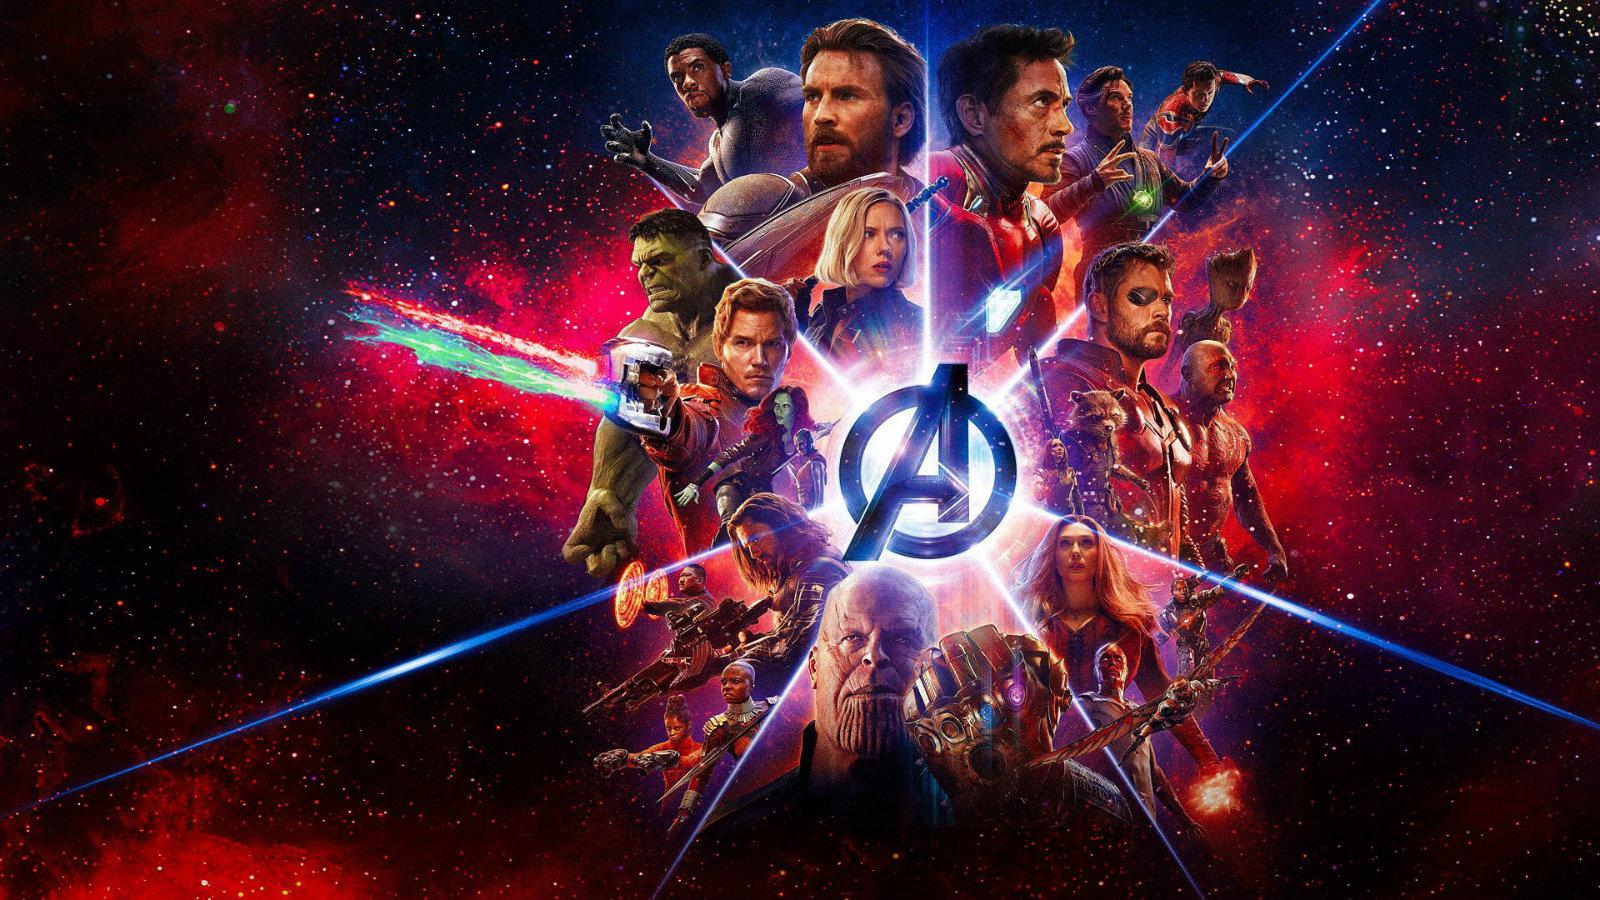 Avengers Infinity War 1 2 Bilder Avengers Infinity War HD 1600x900